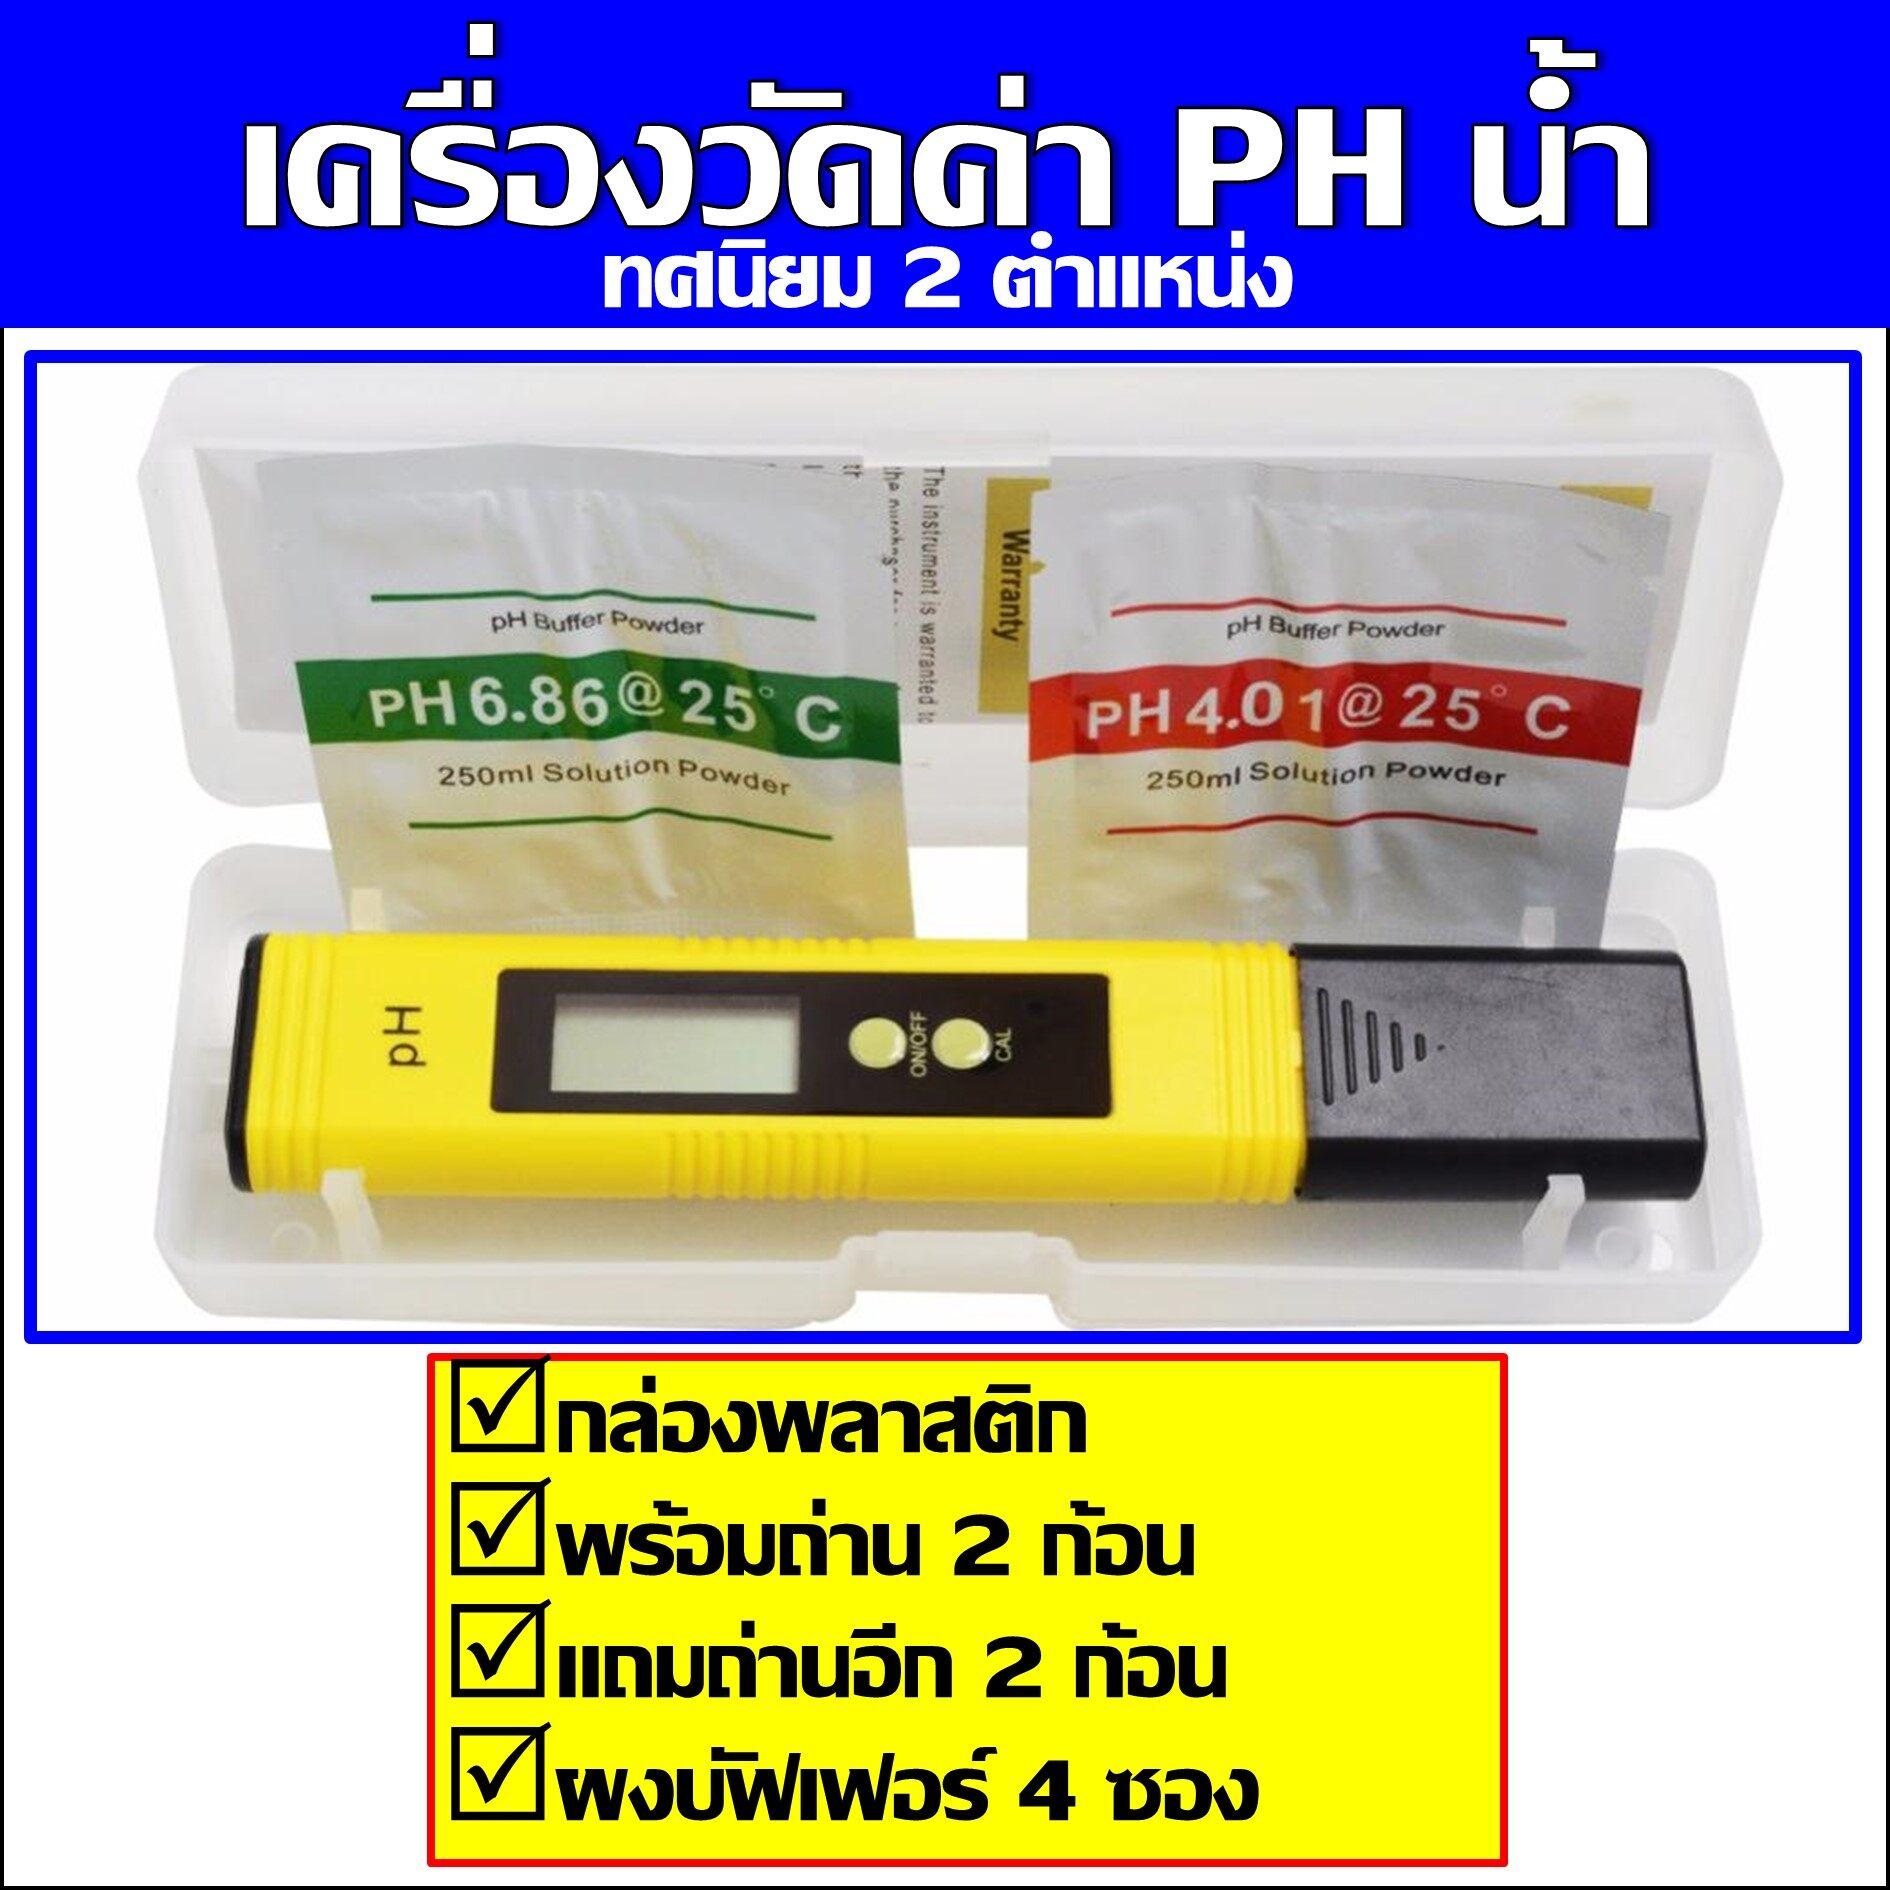 เครื่องวัดค่า Ph น้ำ Ph Water Meter คาลิเบรท ด้วยปุ๋ม Cal ด้านหน้า พร้อมกล่องพลาสติก ถ่าน 2 ก้อน และผงบัฟเฟอร์ 4 ซอง มีคู่มือภาษาไทย.